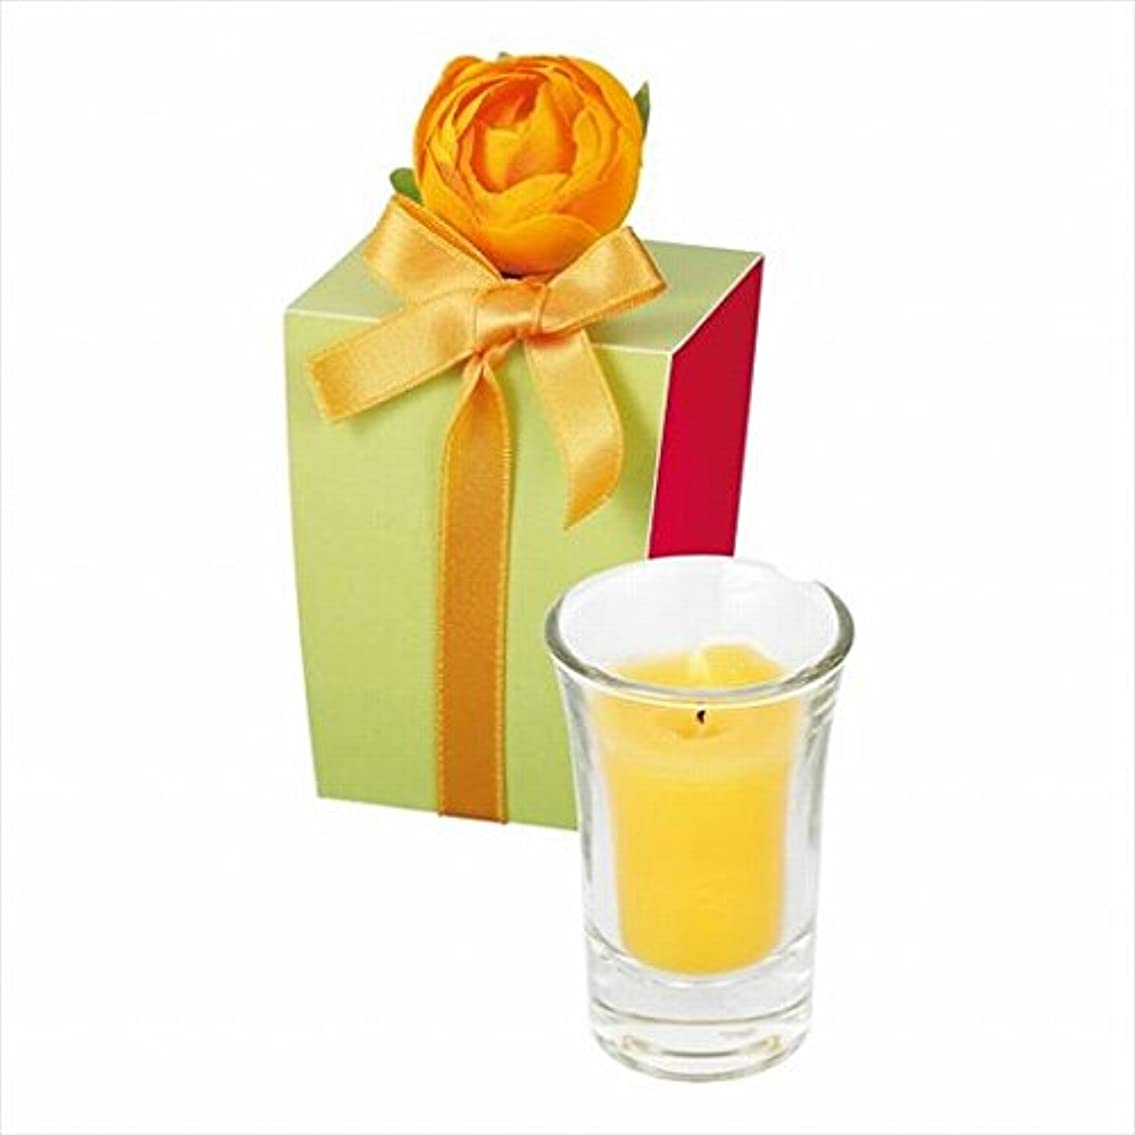 理論ぜいたく講義カメヤマキャンドル(kameyama candle) ラナンキュラスグラスキャンドル 「 イエロー 」